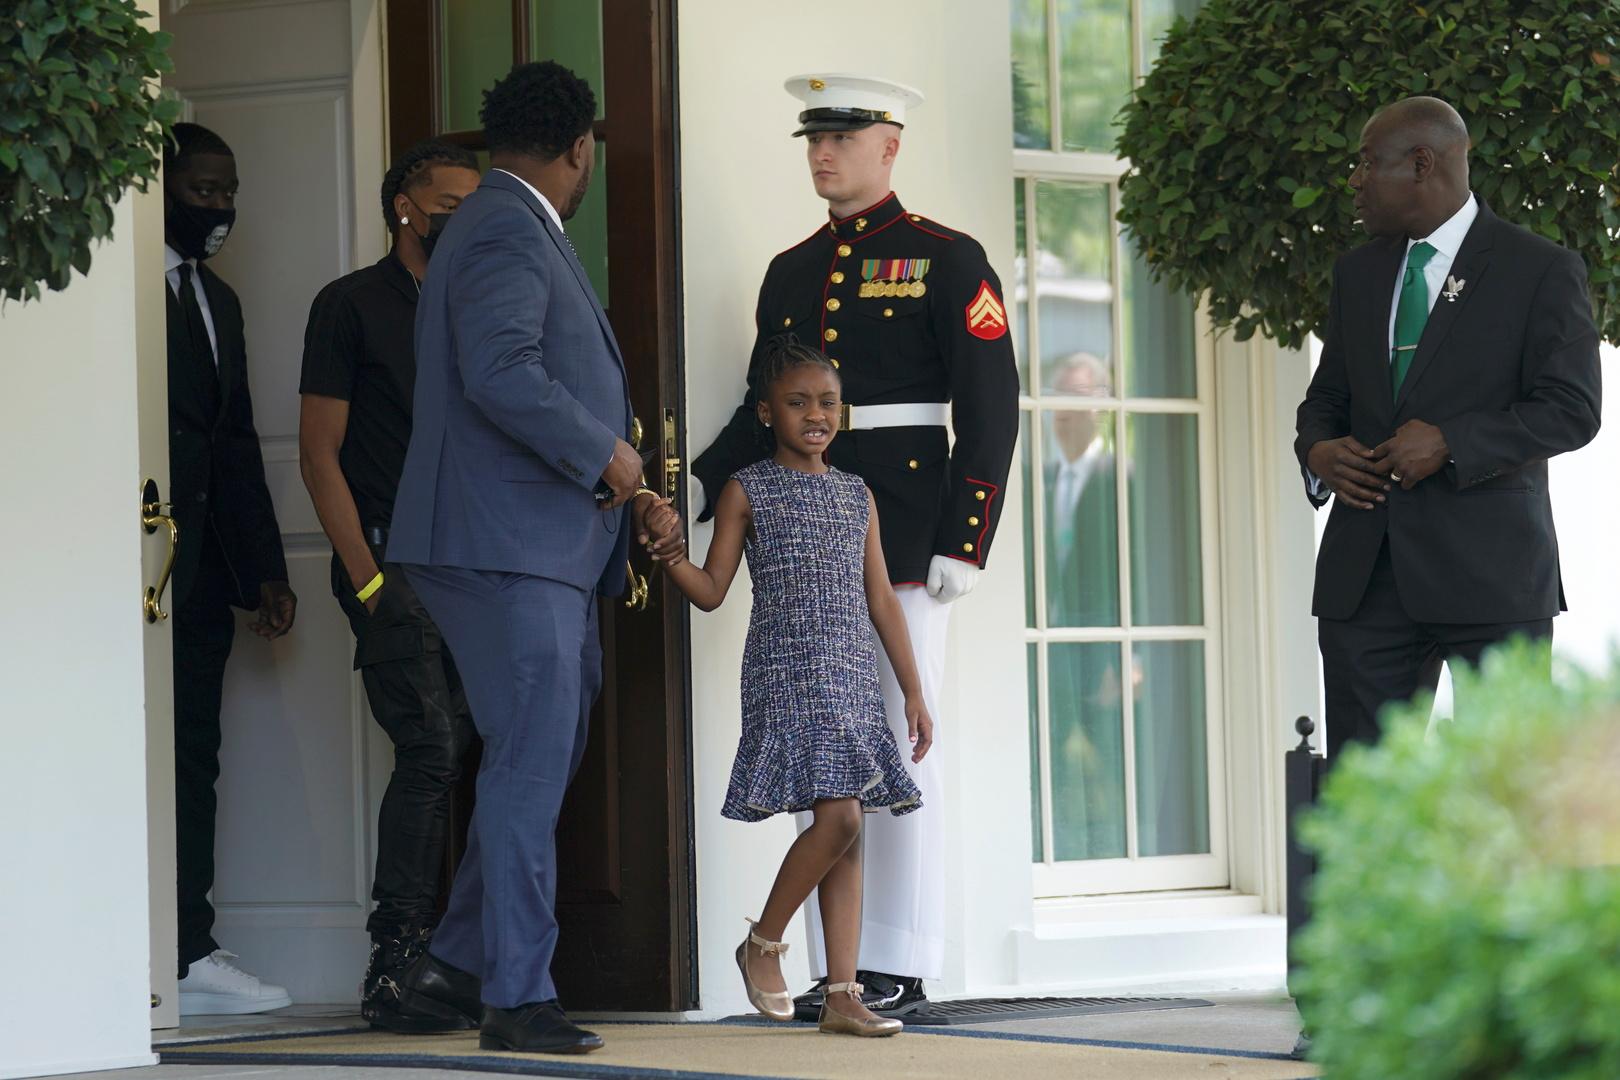 عائلة جورج فلويد تلتقي بايدن.. ولفتة مؤثرة من ابنته أمام البيت الأبيض (فيديو)